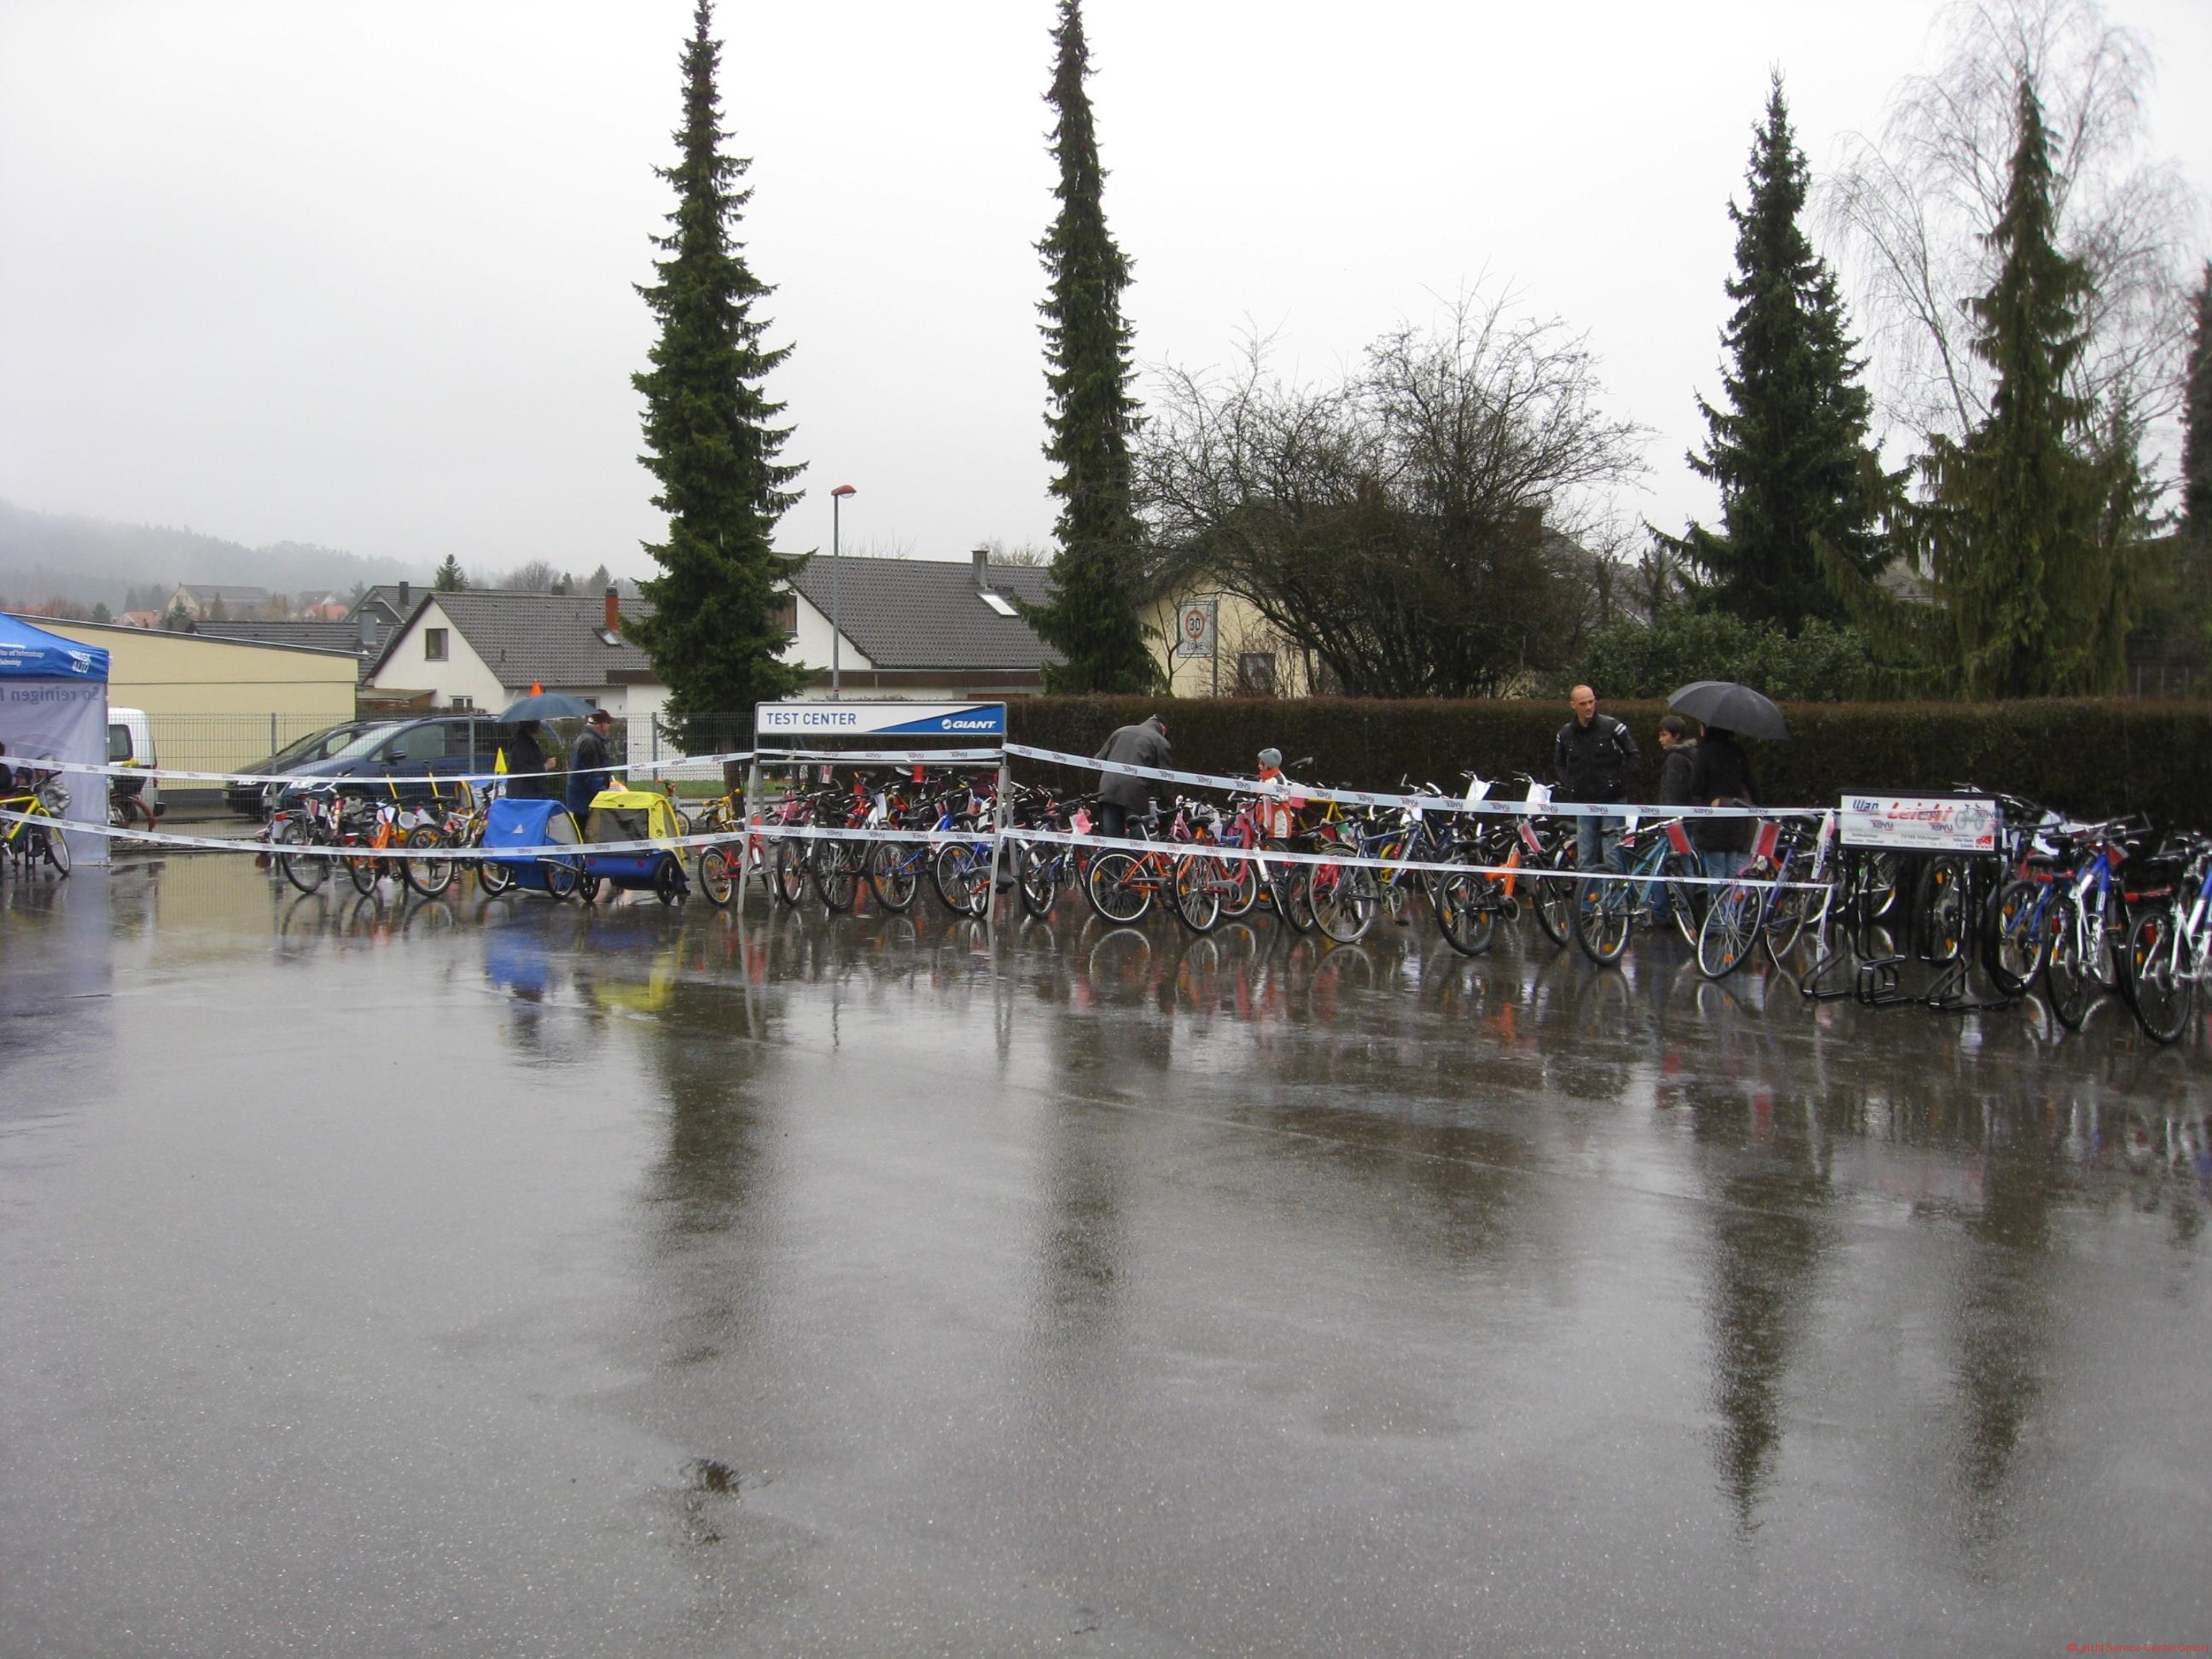 Fahrrad-Sonderschau 2011-03-19 11-03-24